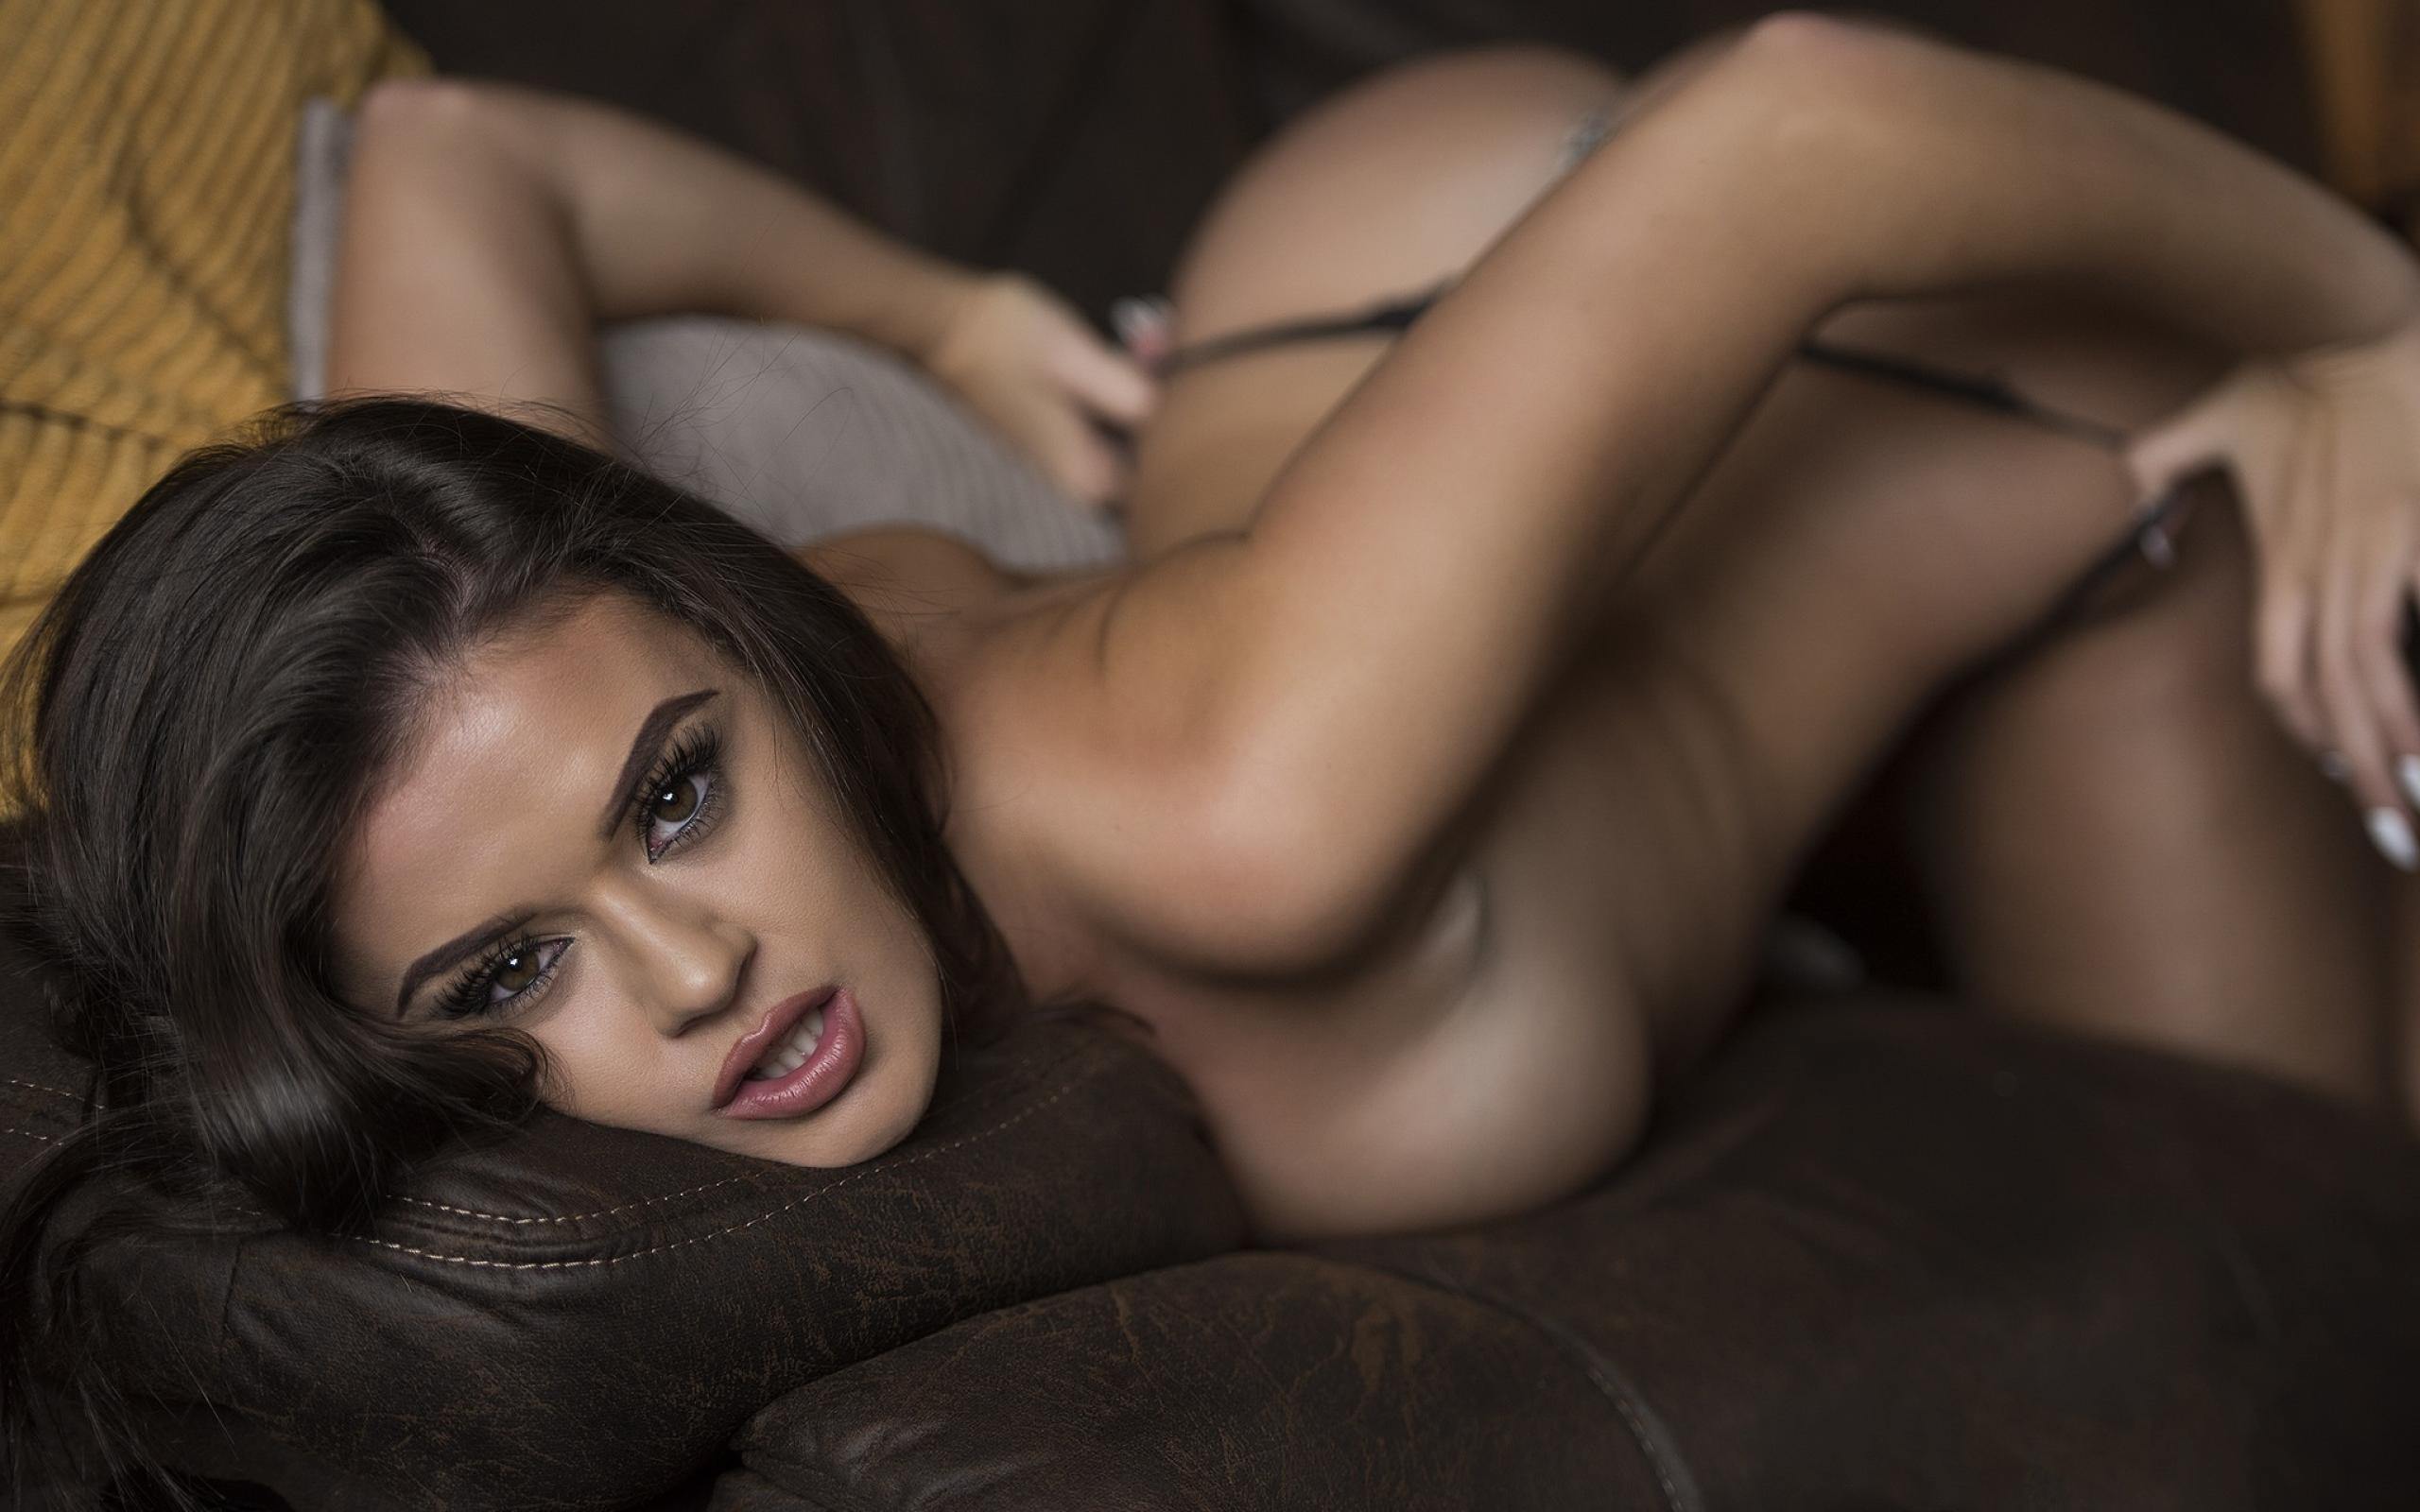 James Marsden Jack Black Nude And Hot Sex Scenes